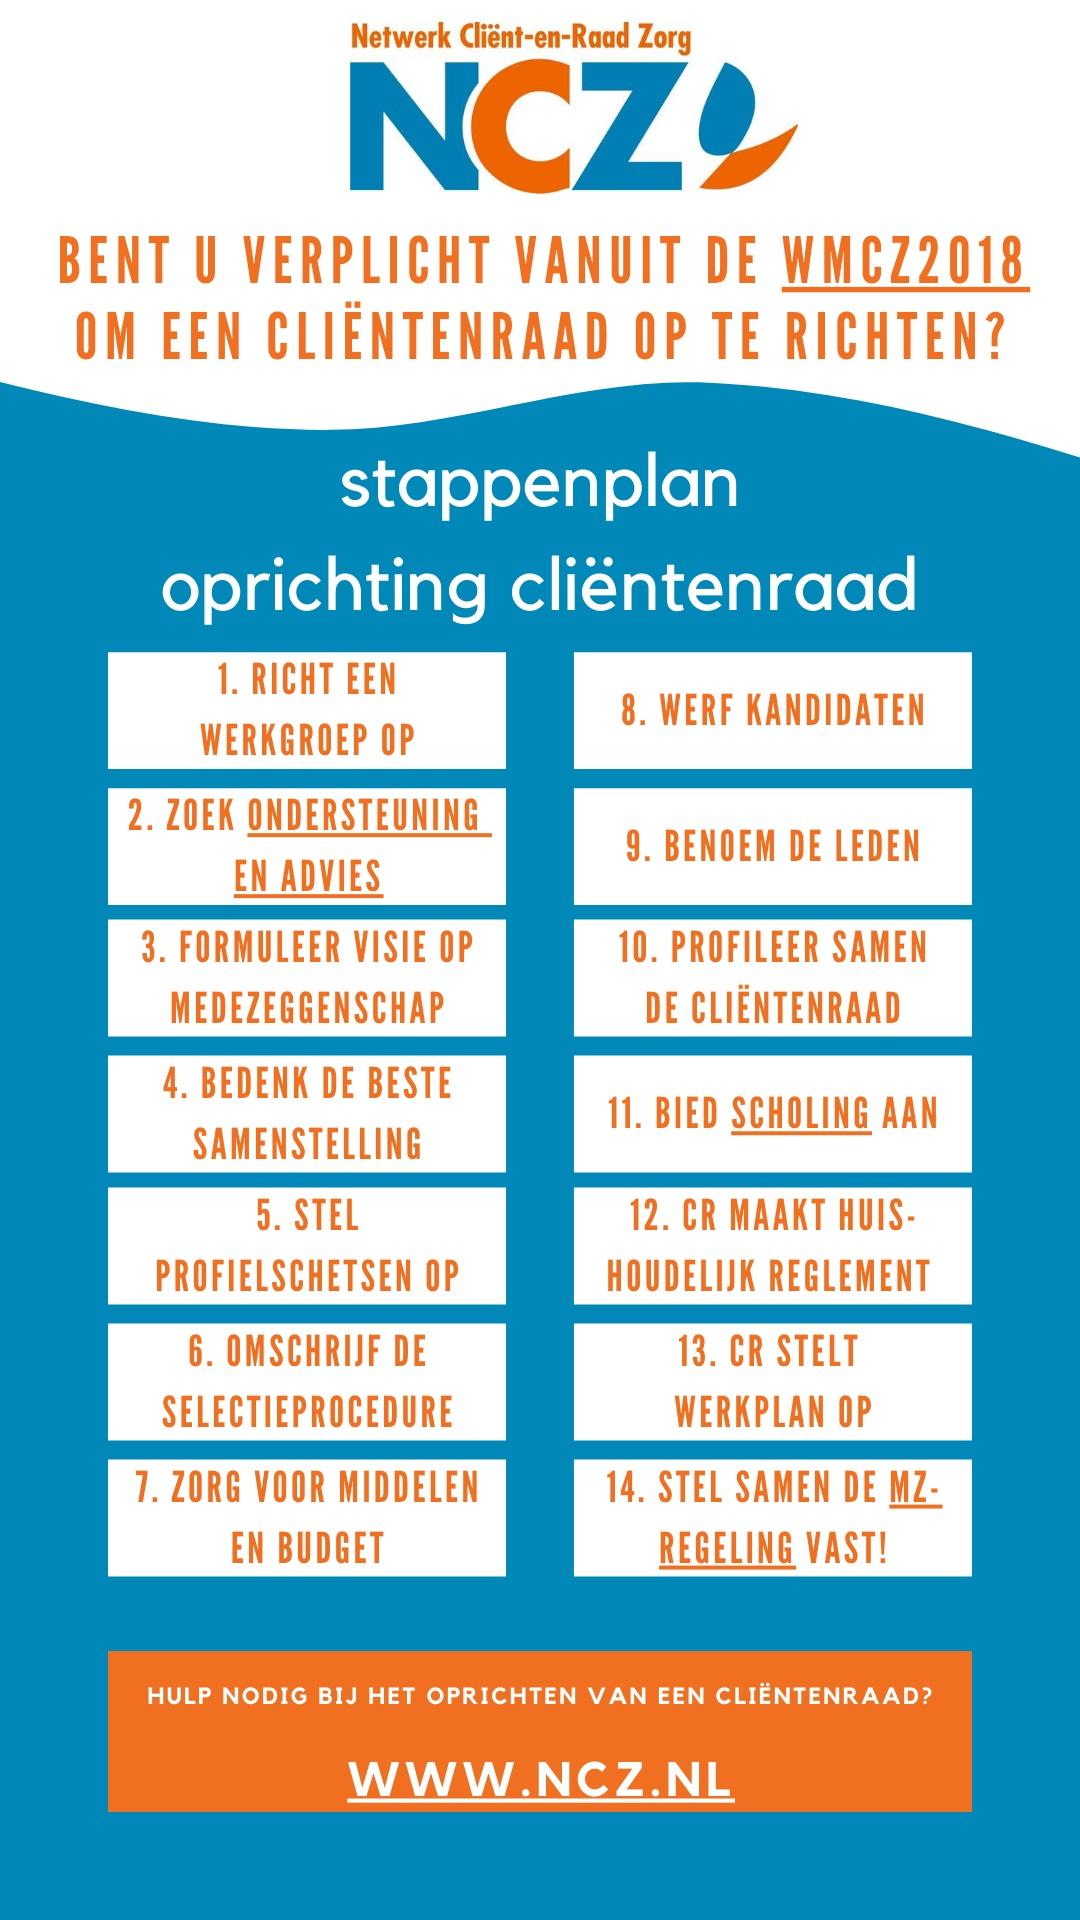 Eenvoudig stappenplan oprichten cliëntenraad